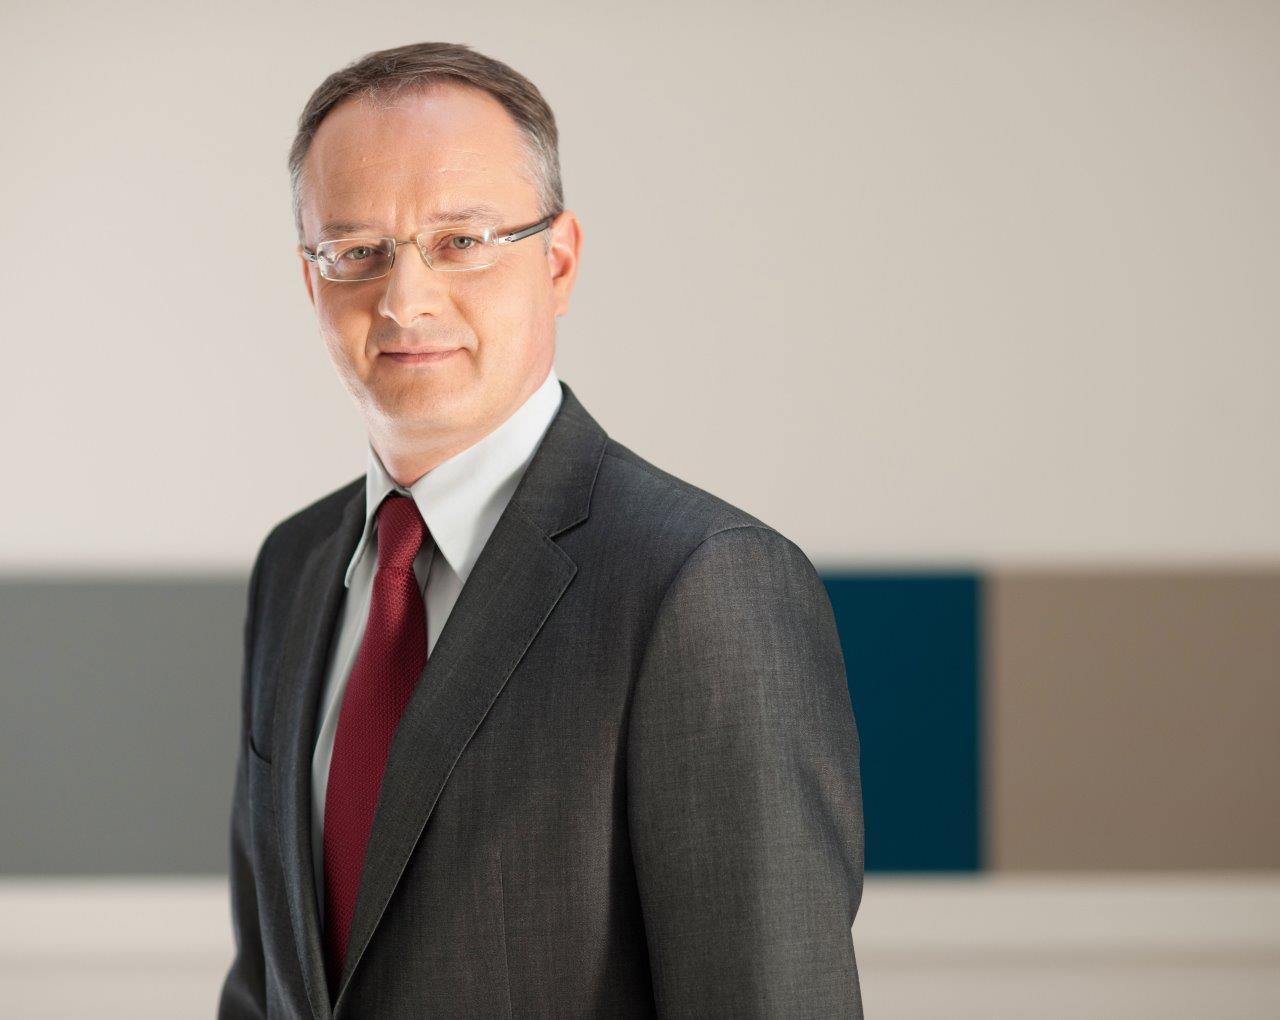 Andreas Stoch zieht beim Thema Inklusion die Reißleine. (Foto: PR/Landesregierung BW)